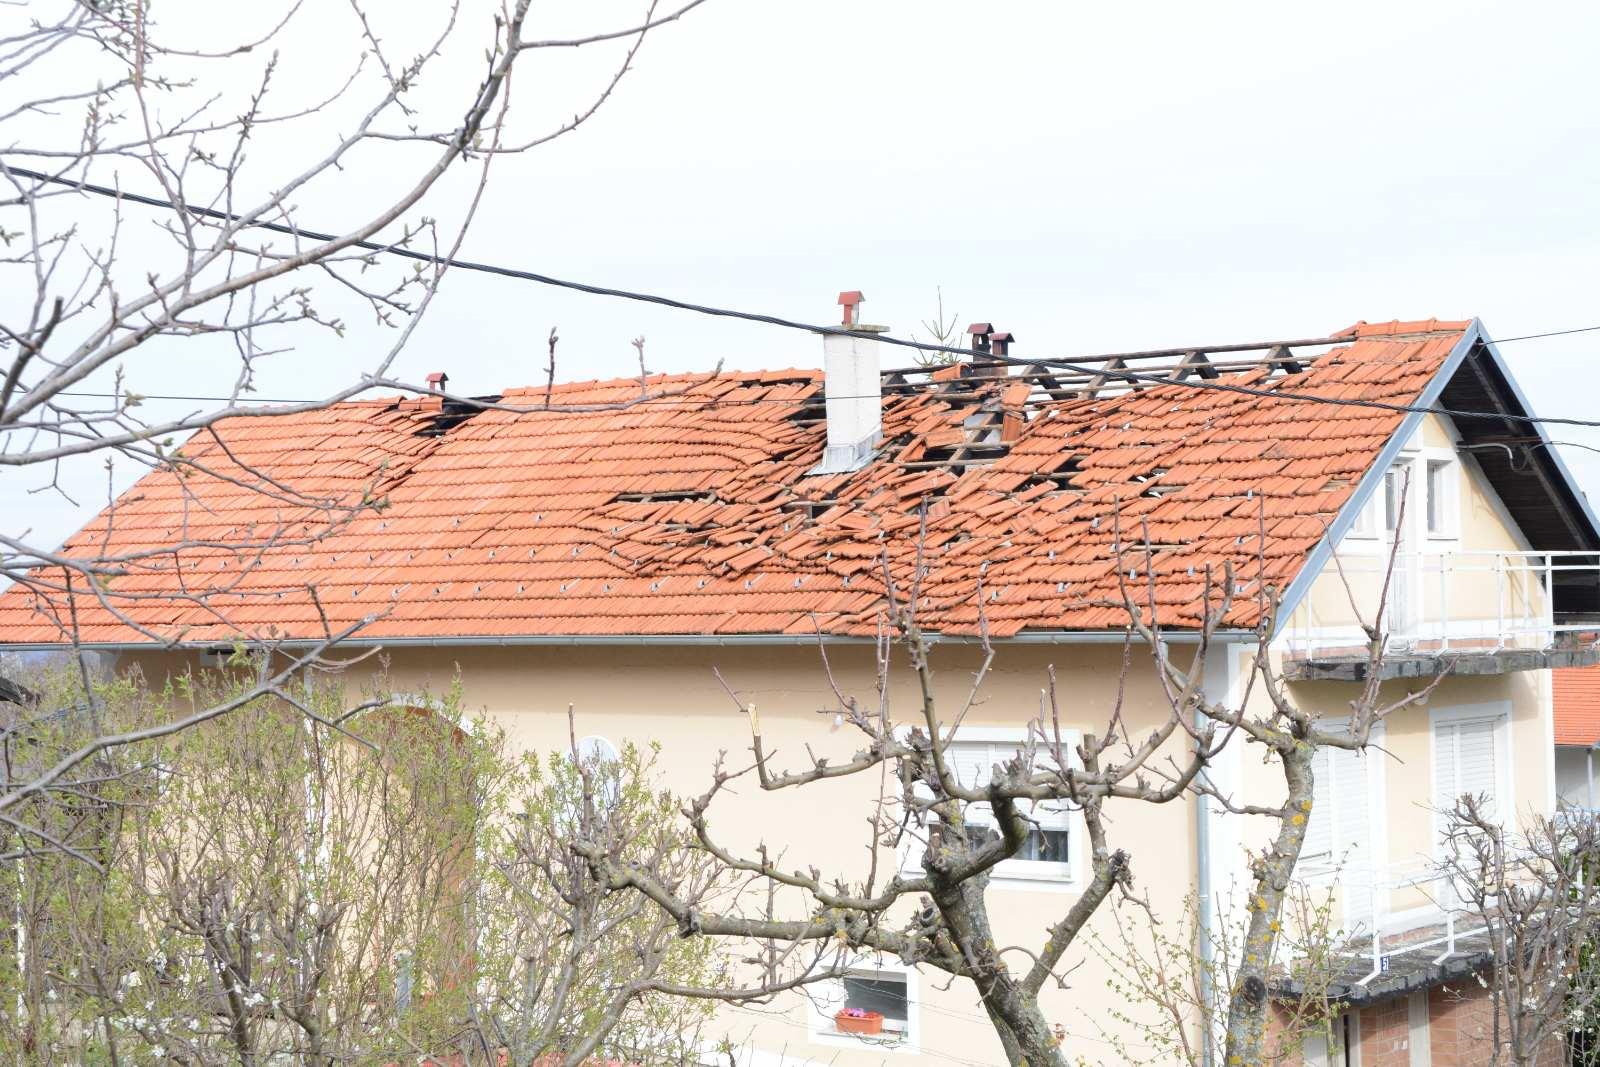 Hrvatska narodna stranka i Županijska organizacija HNS-a Krapinsko-zagorske županije donirat će sredstva za sanaciju šteta od potresa